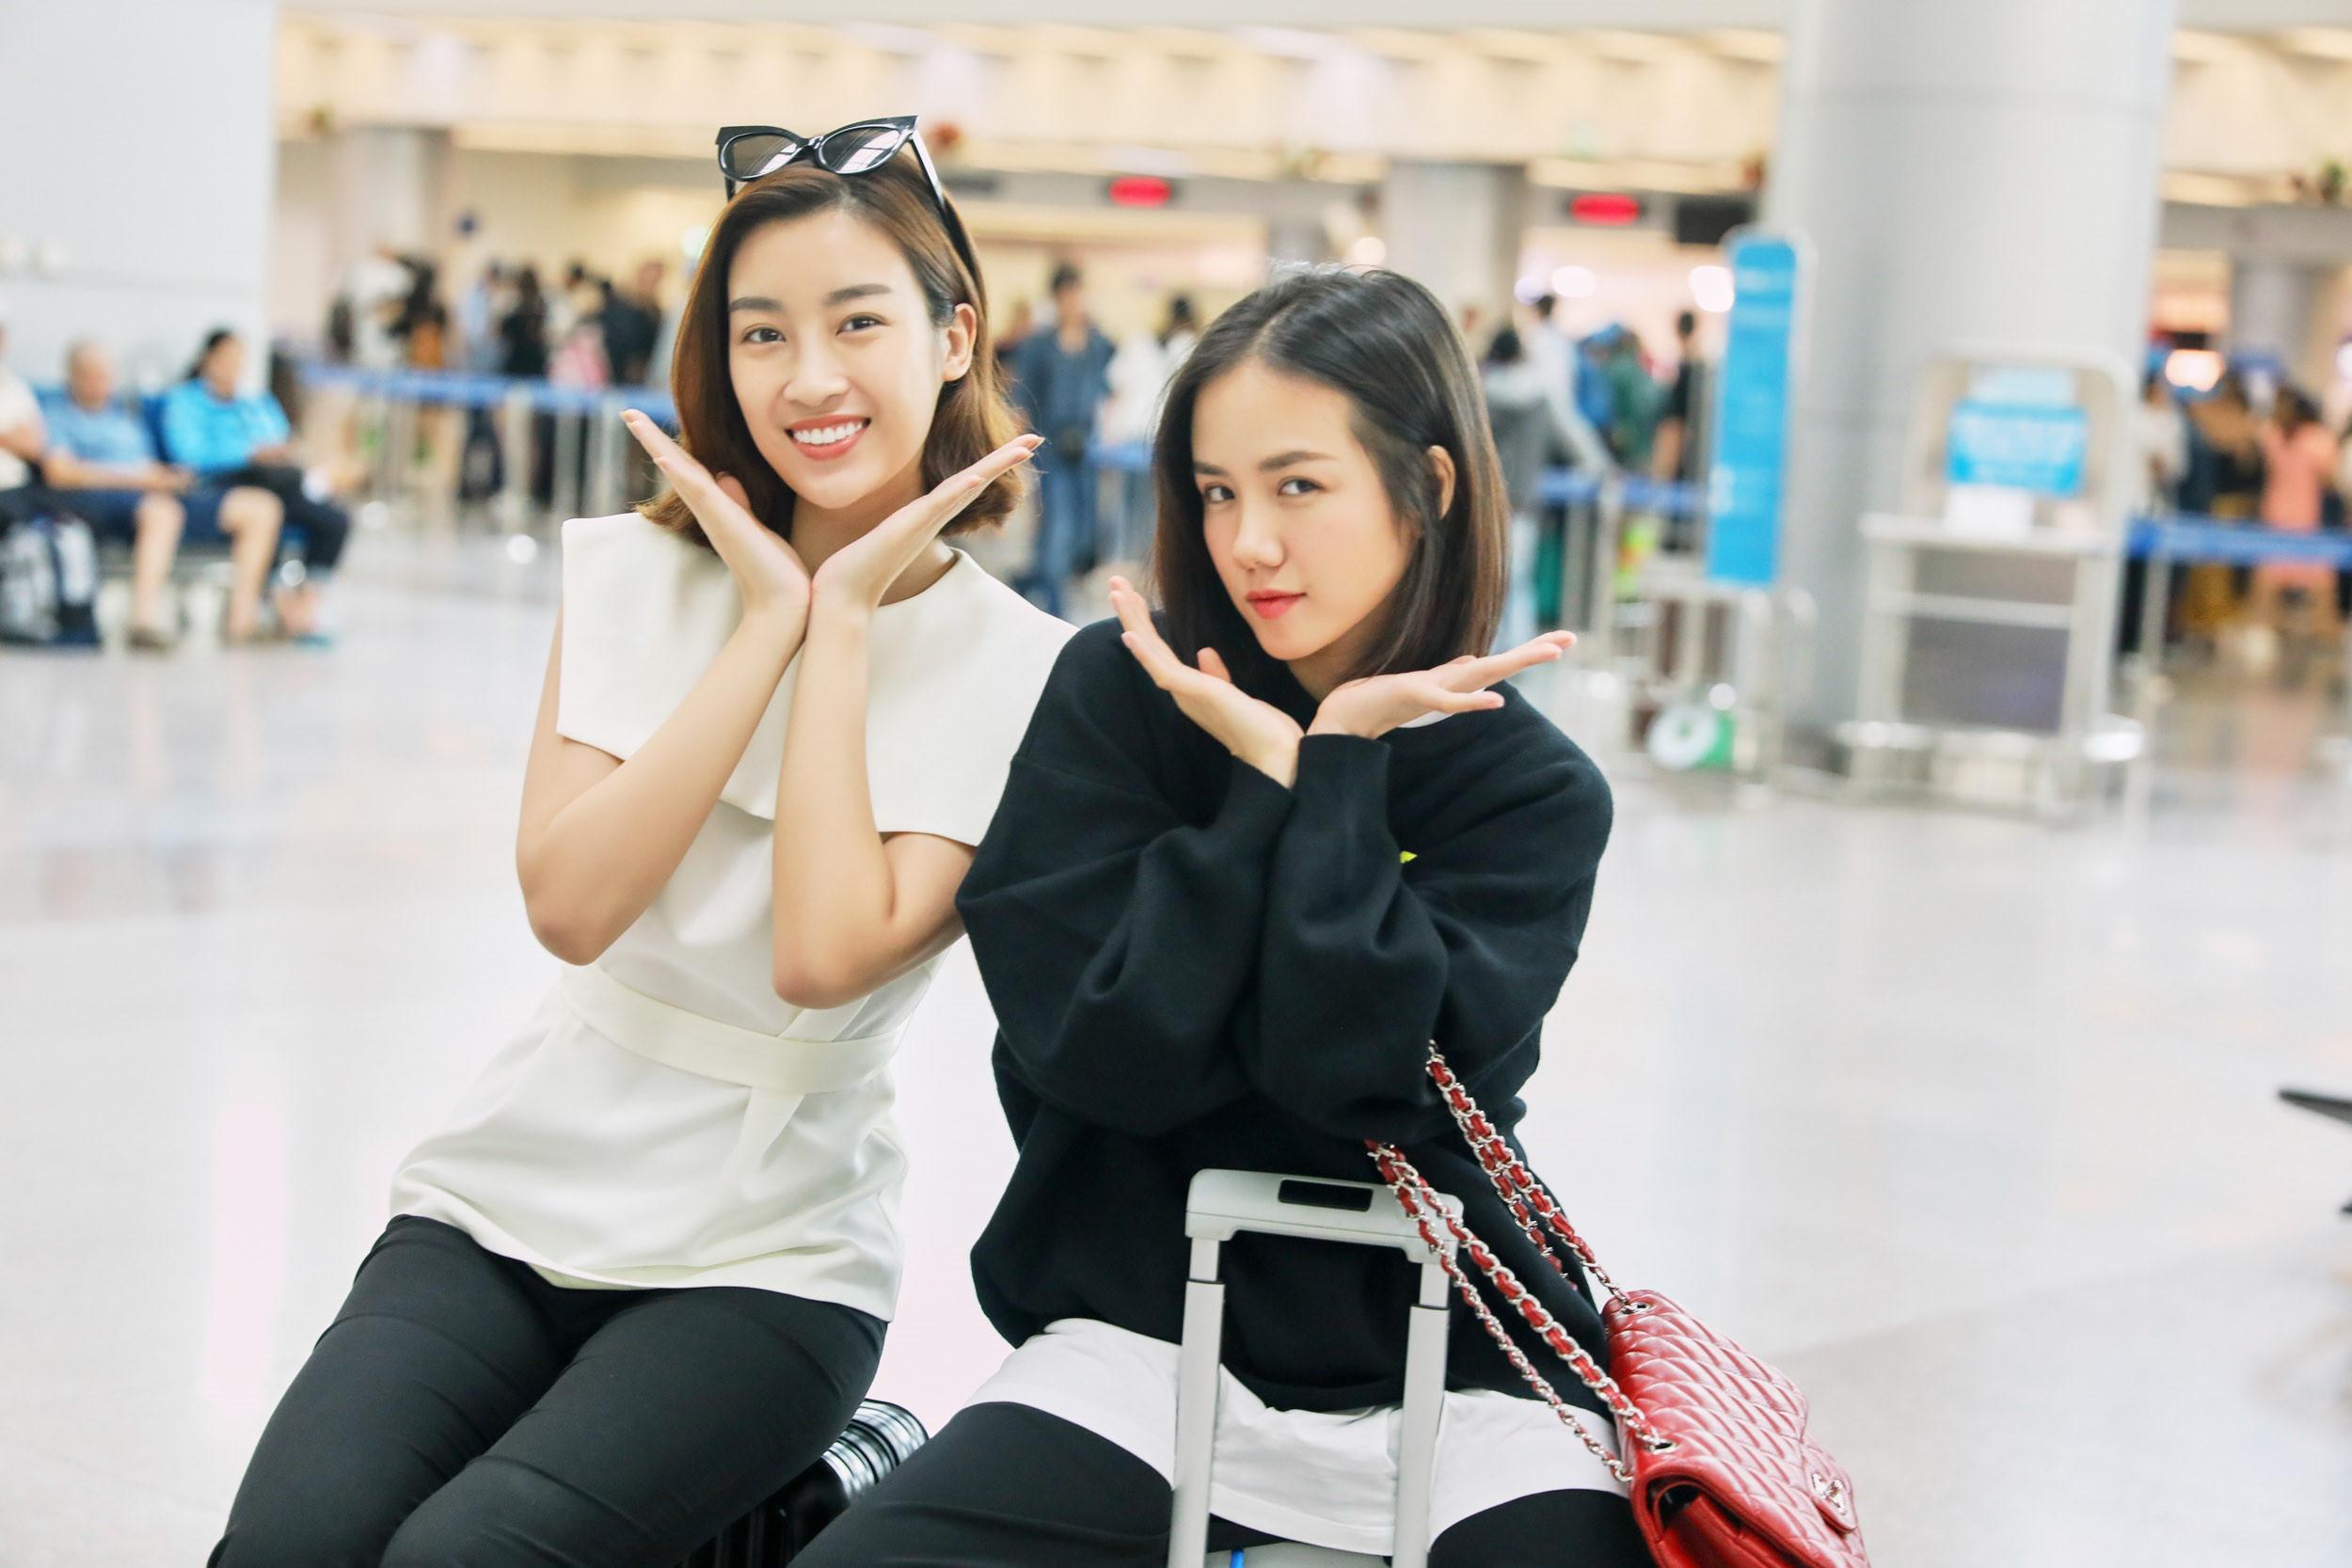 Đỗ Mỹ Linh, Phương Ly năng động ở sân bay sang Hàn Quốc Ảnh 1